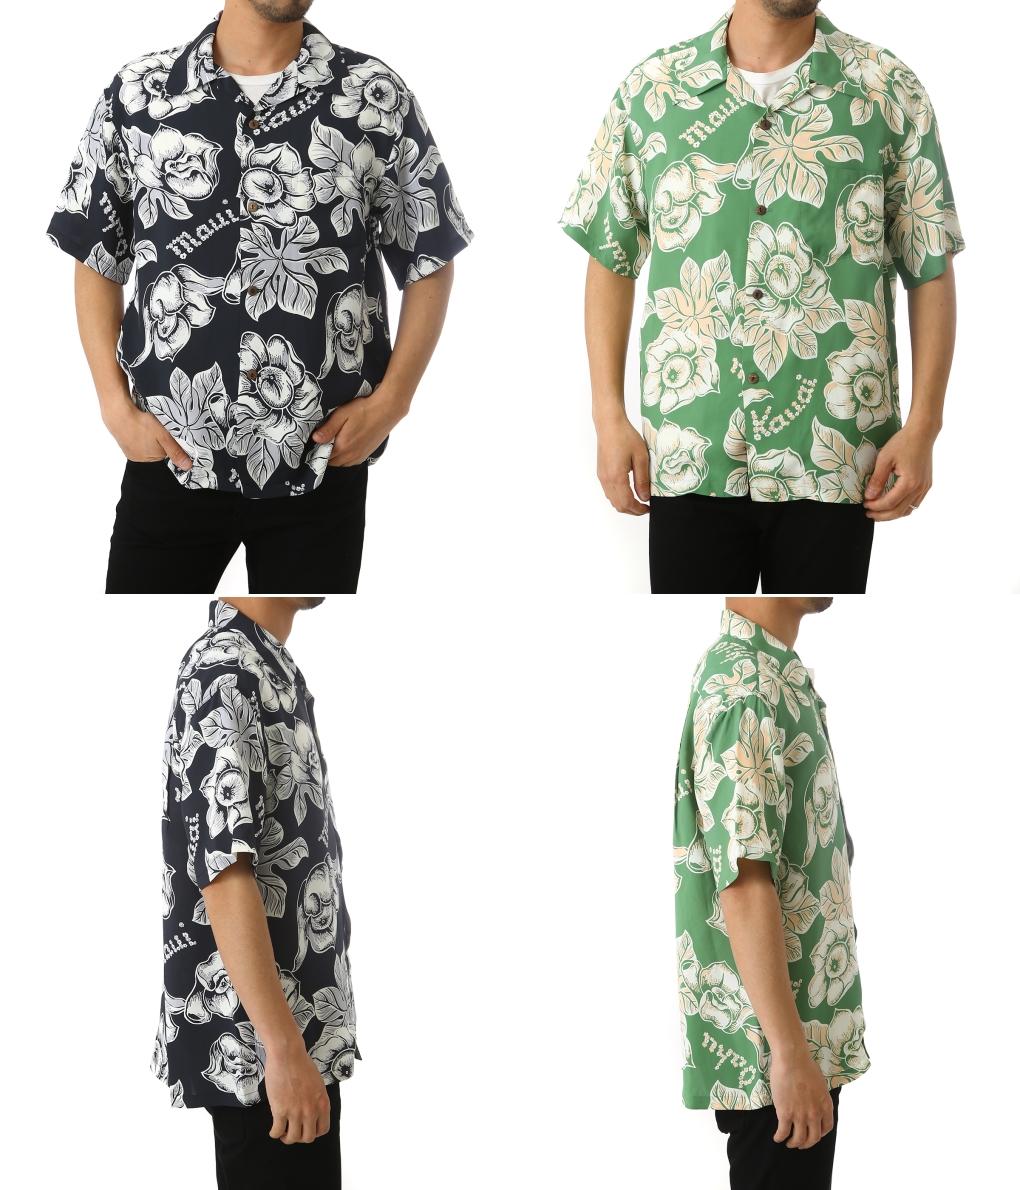 af0e23f6 ... SUN SURF / sun surf: All HAWAIIAN SHIRT